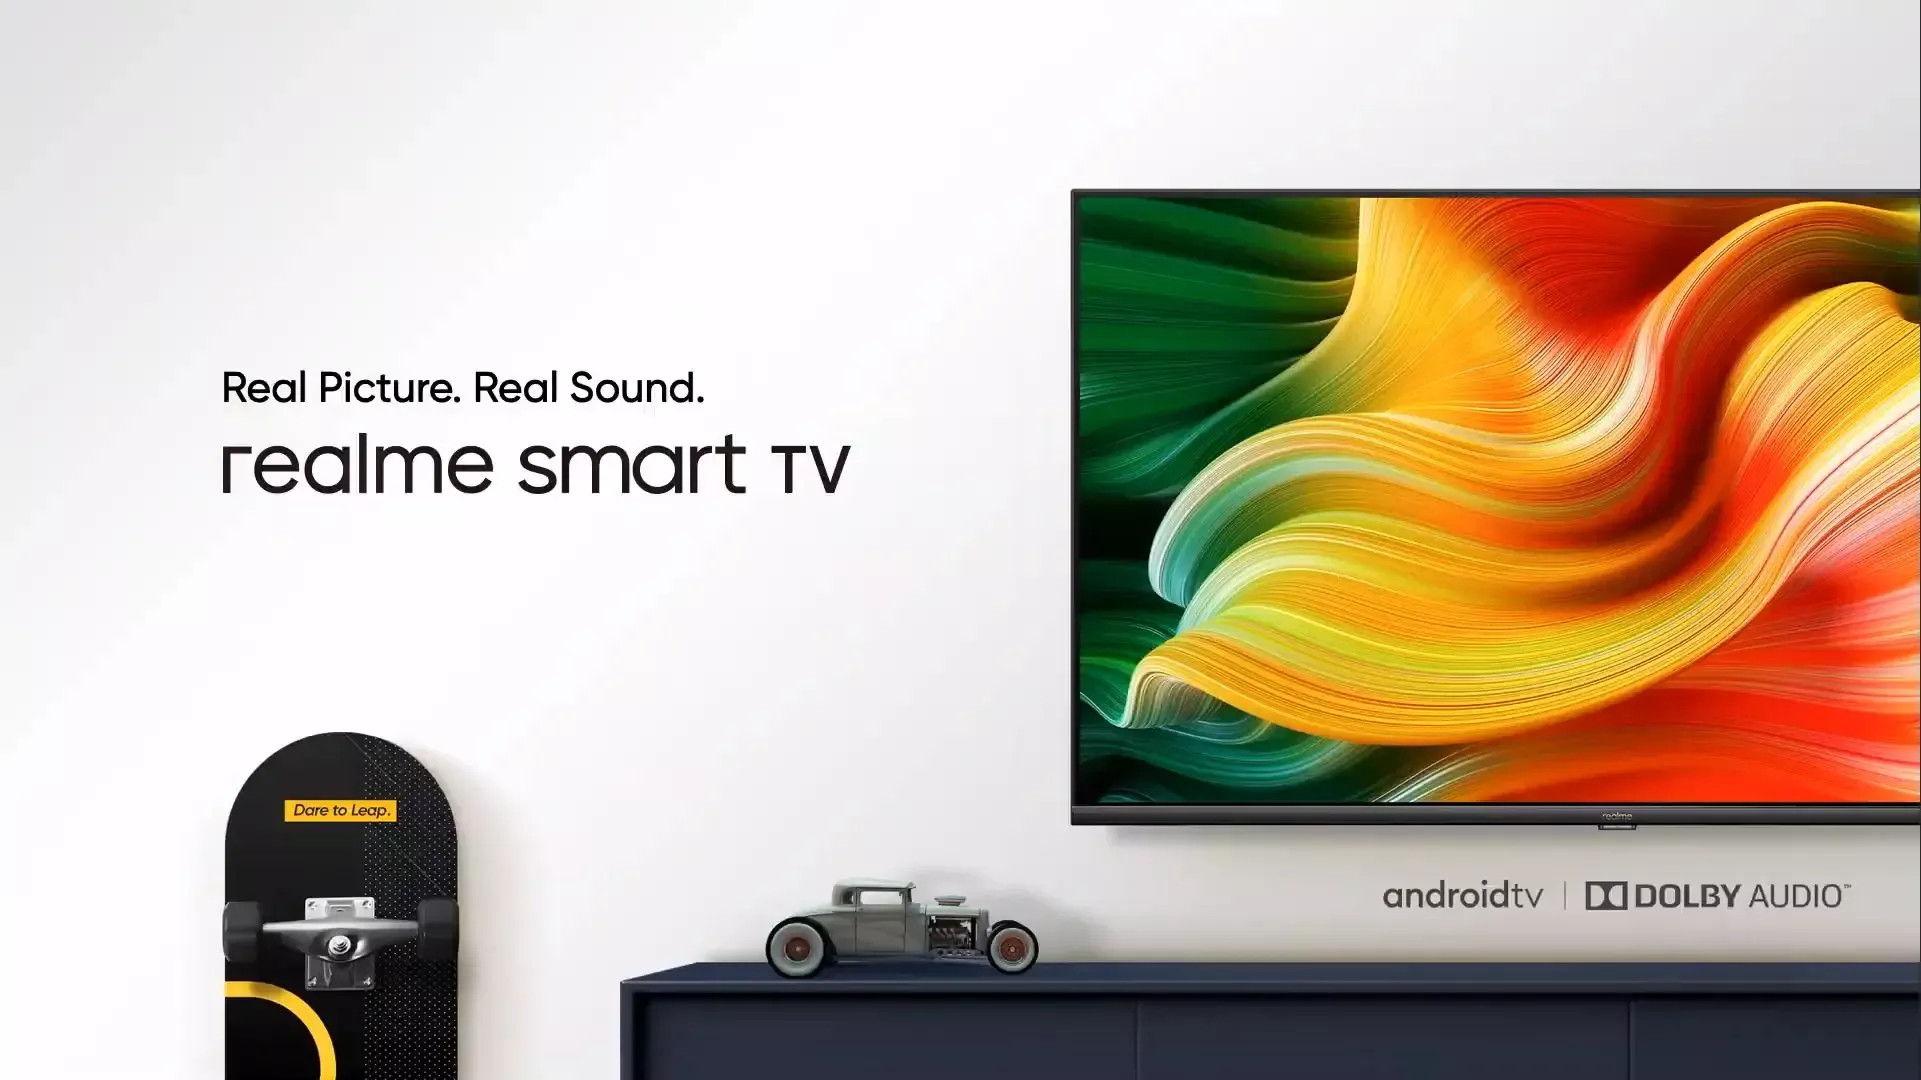 realme Smart TV Özellikleri ve Fiyatı